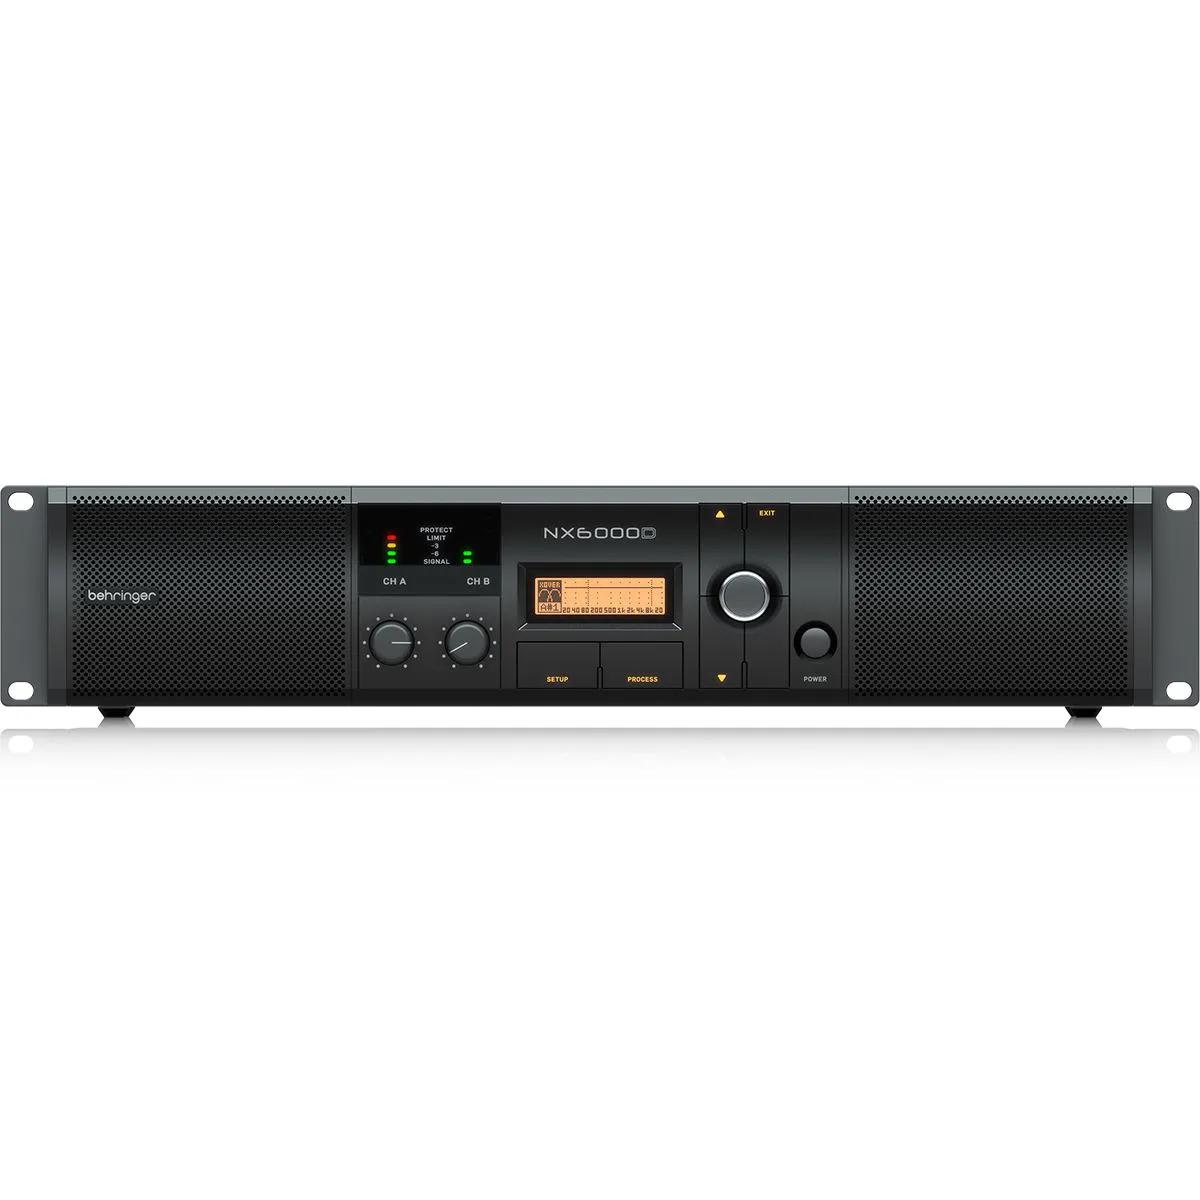 Amplificador de Potência Behringer NX6000D com DSP 2 Canais